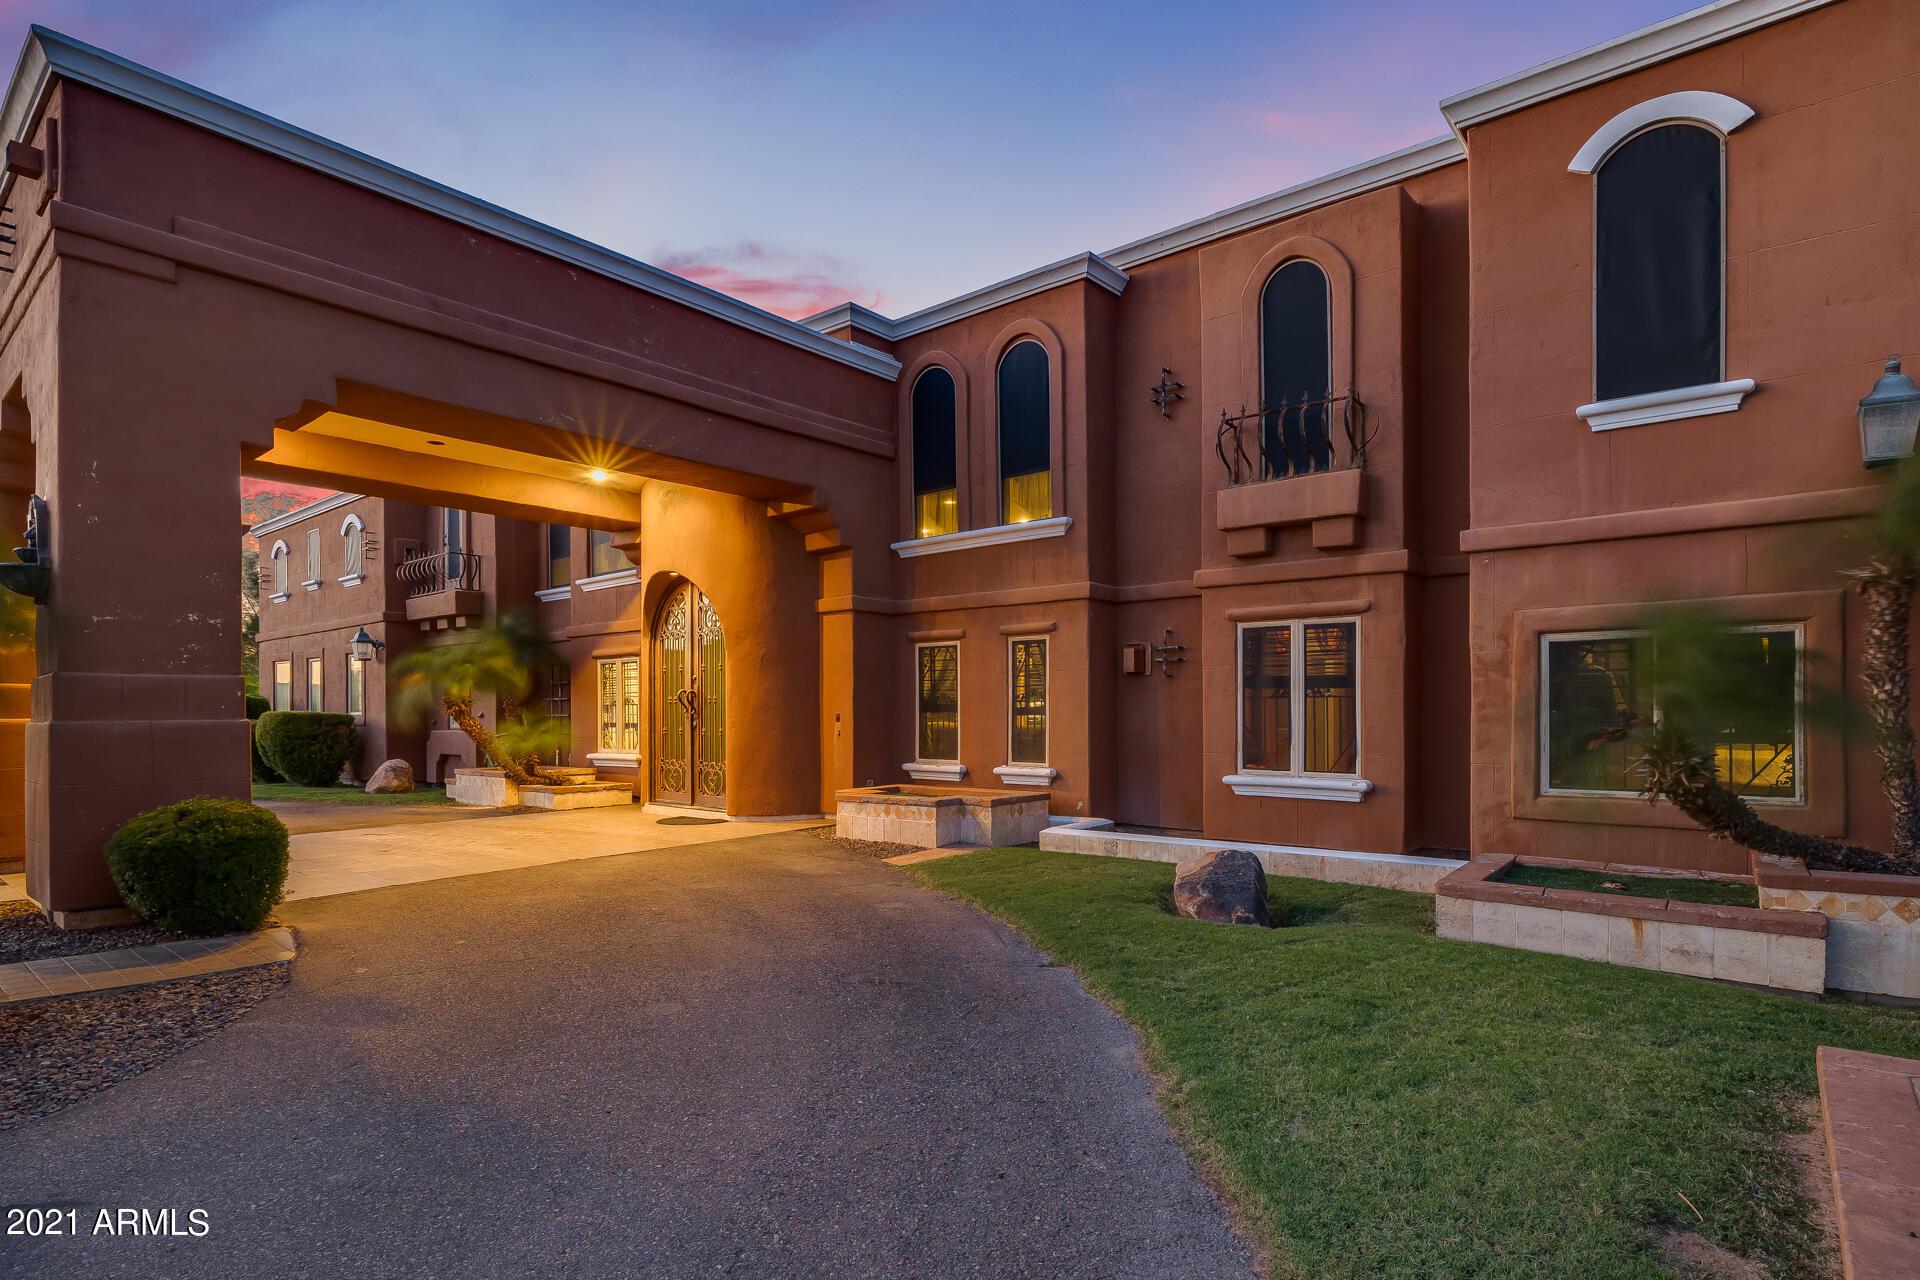 MLS 6310443 5619 N 83rd Avenue, Glendale, AZ 85303 Northwest Valley AZ